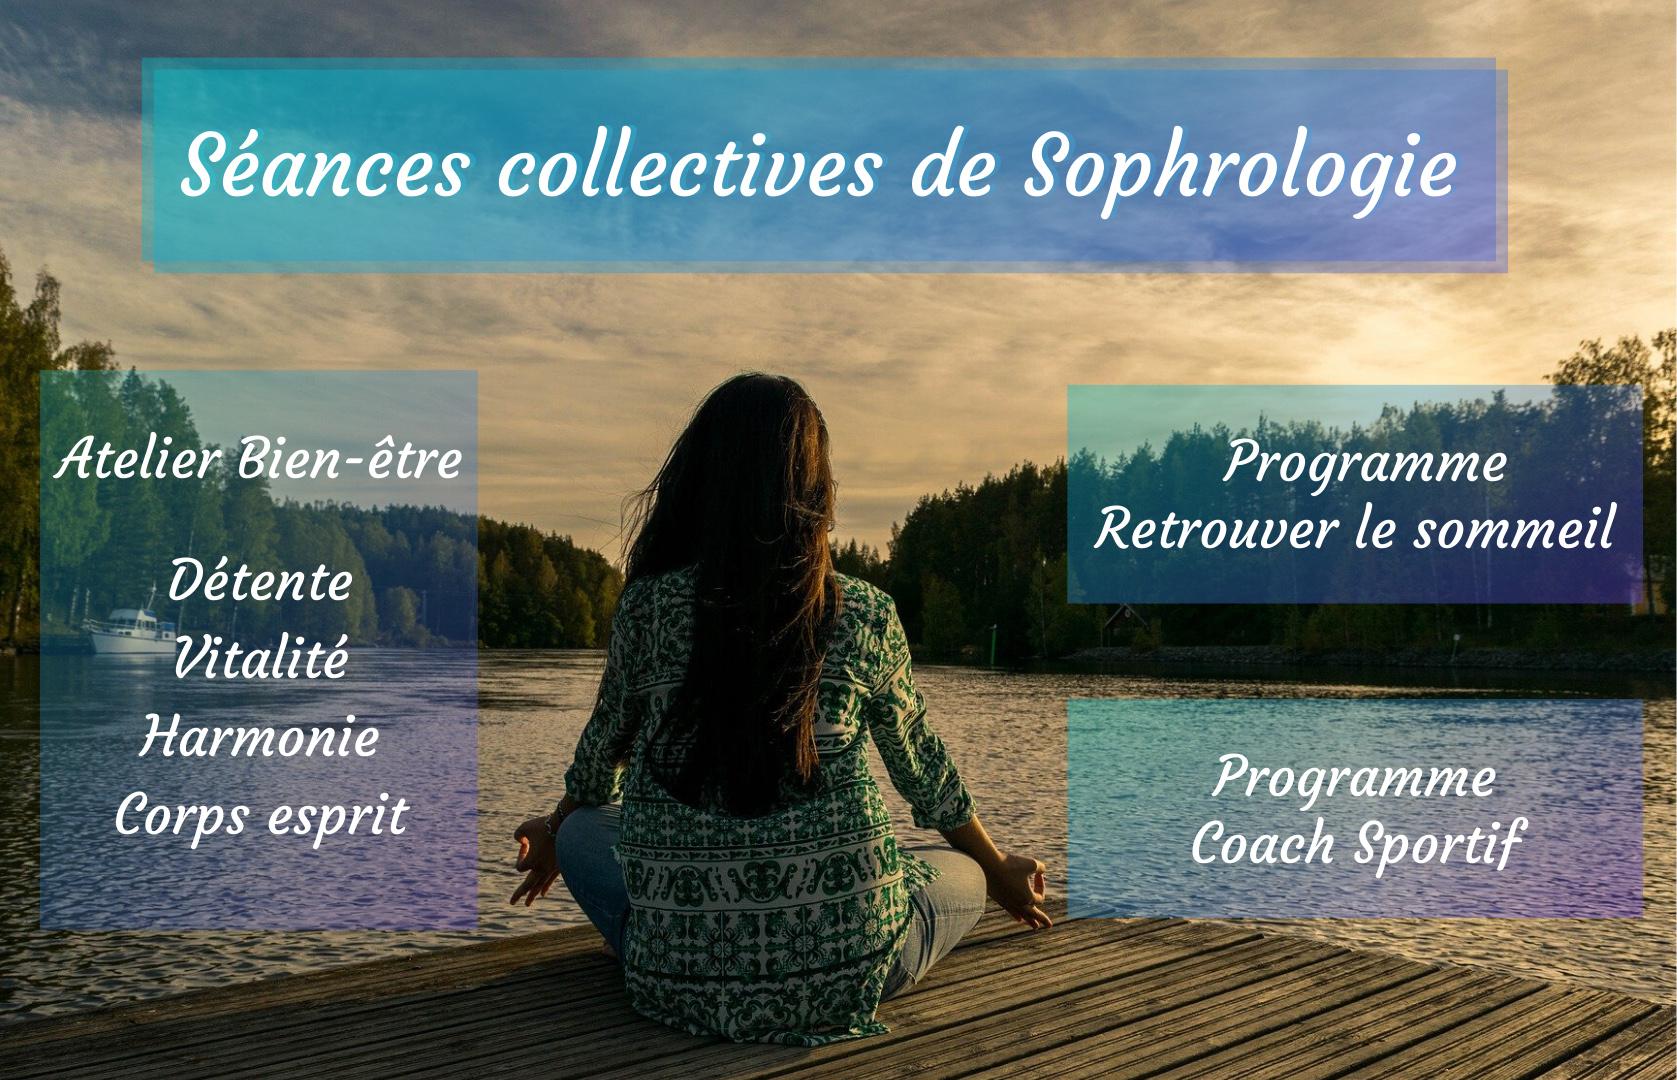 Séance collective de sophrologie, Gestion du sommeil, détente, bien-être